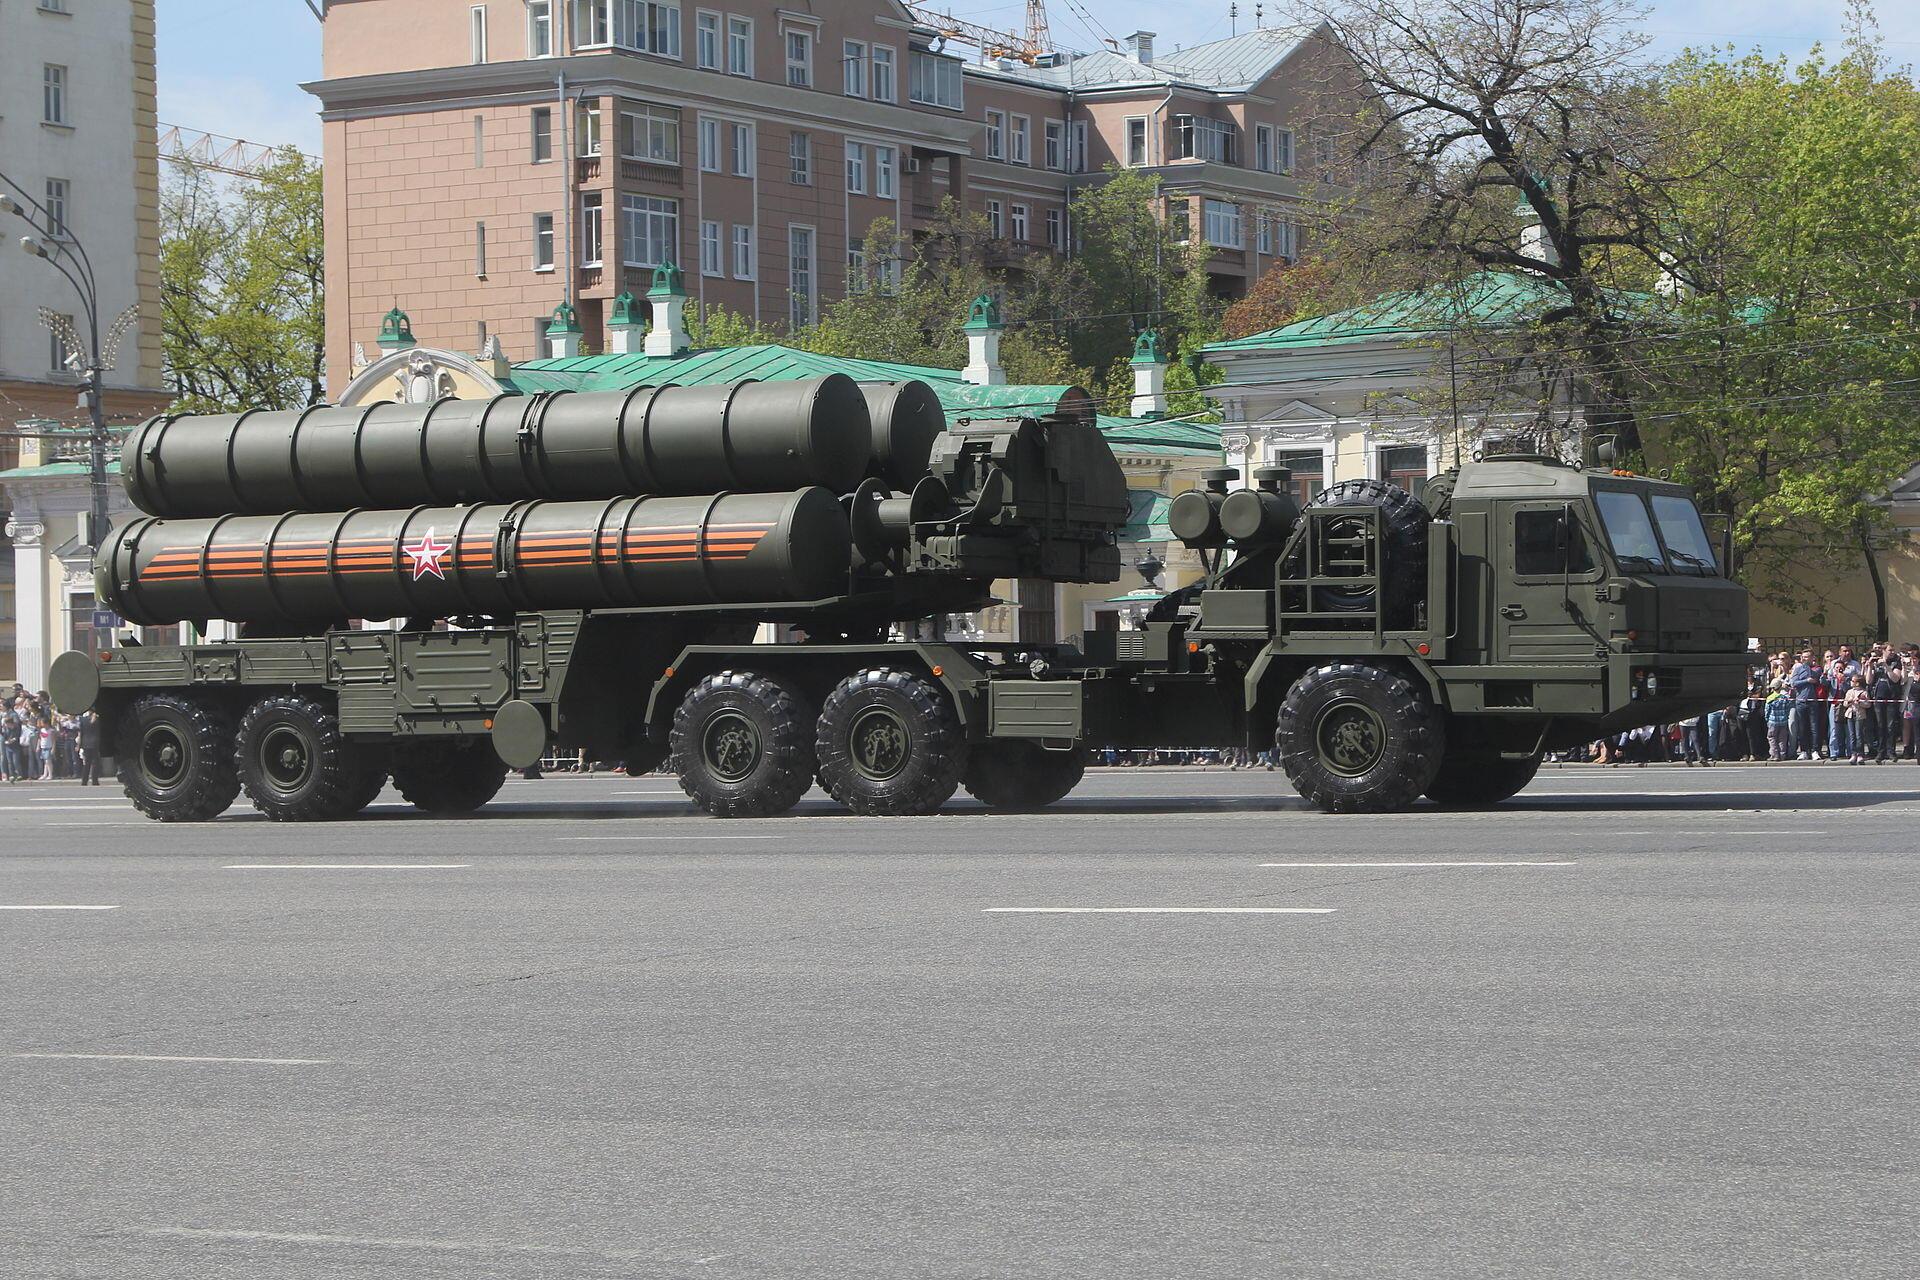 Tên lửa S-400, loại hỏa tiễn Nga bán cho Trung Quốc. Trong ảnh, duyệt binh ngày 09/05/2016.